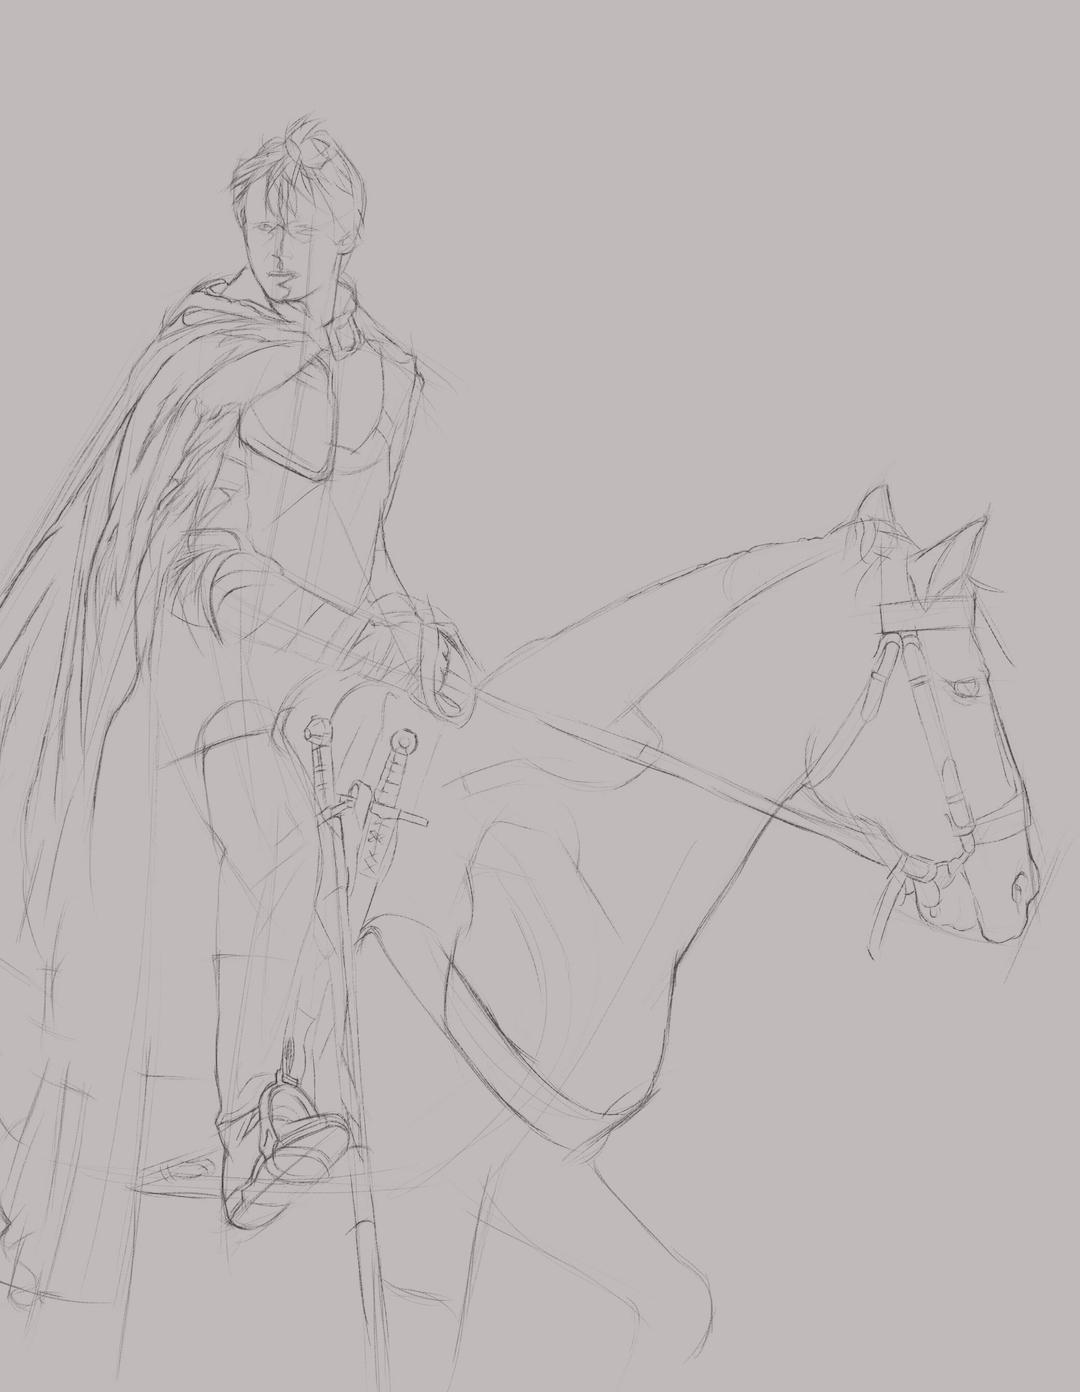 arthur sketch